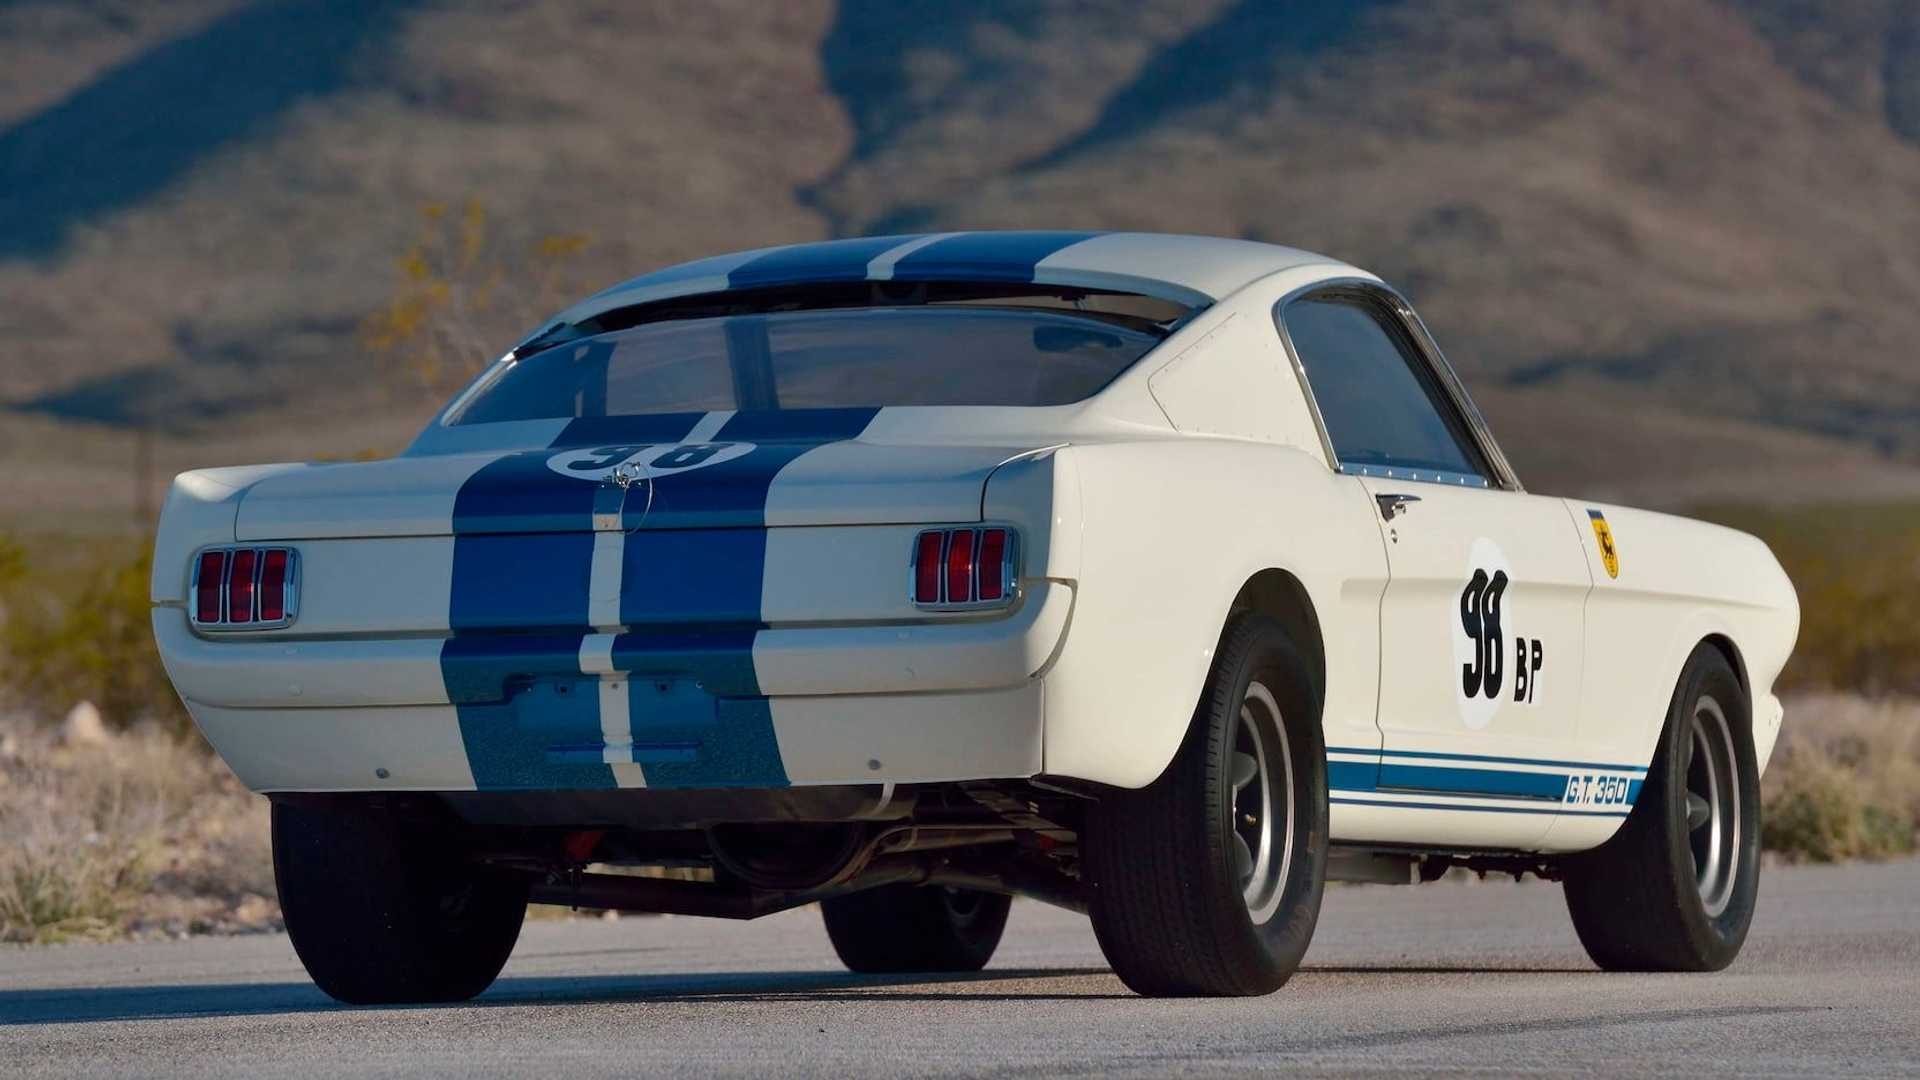 Самый дорогой Ford Mustang продали по цене десяти Ferrari